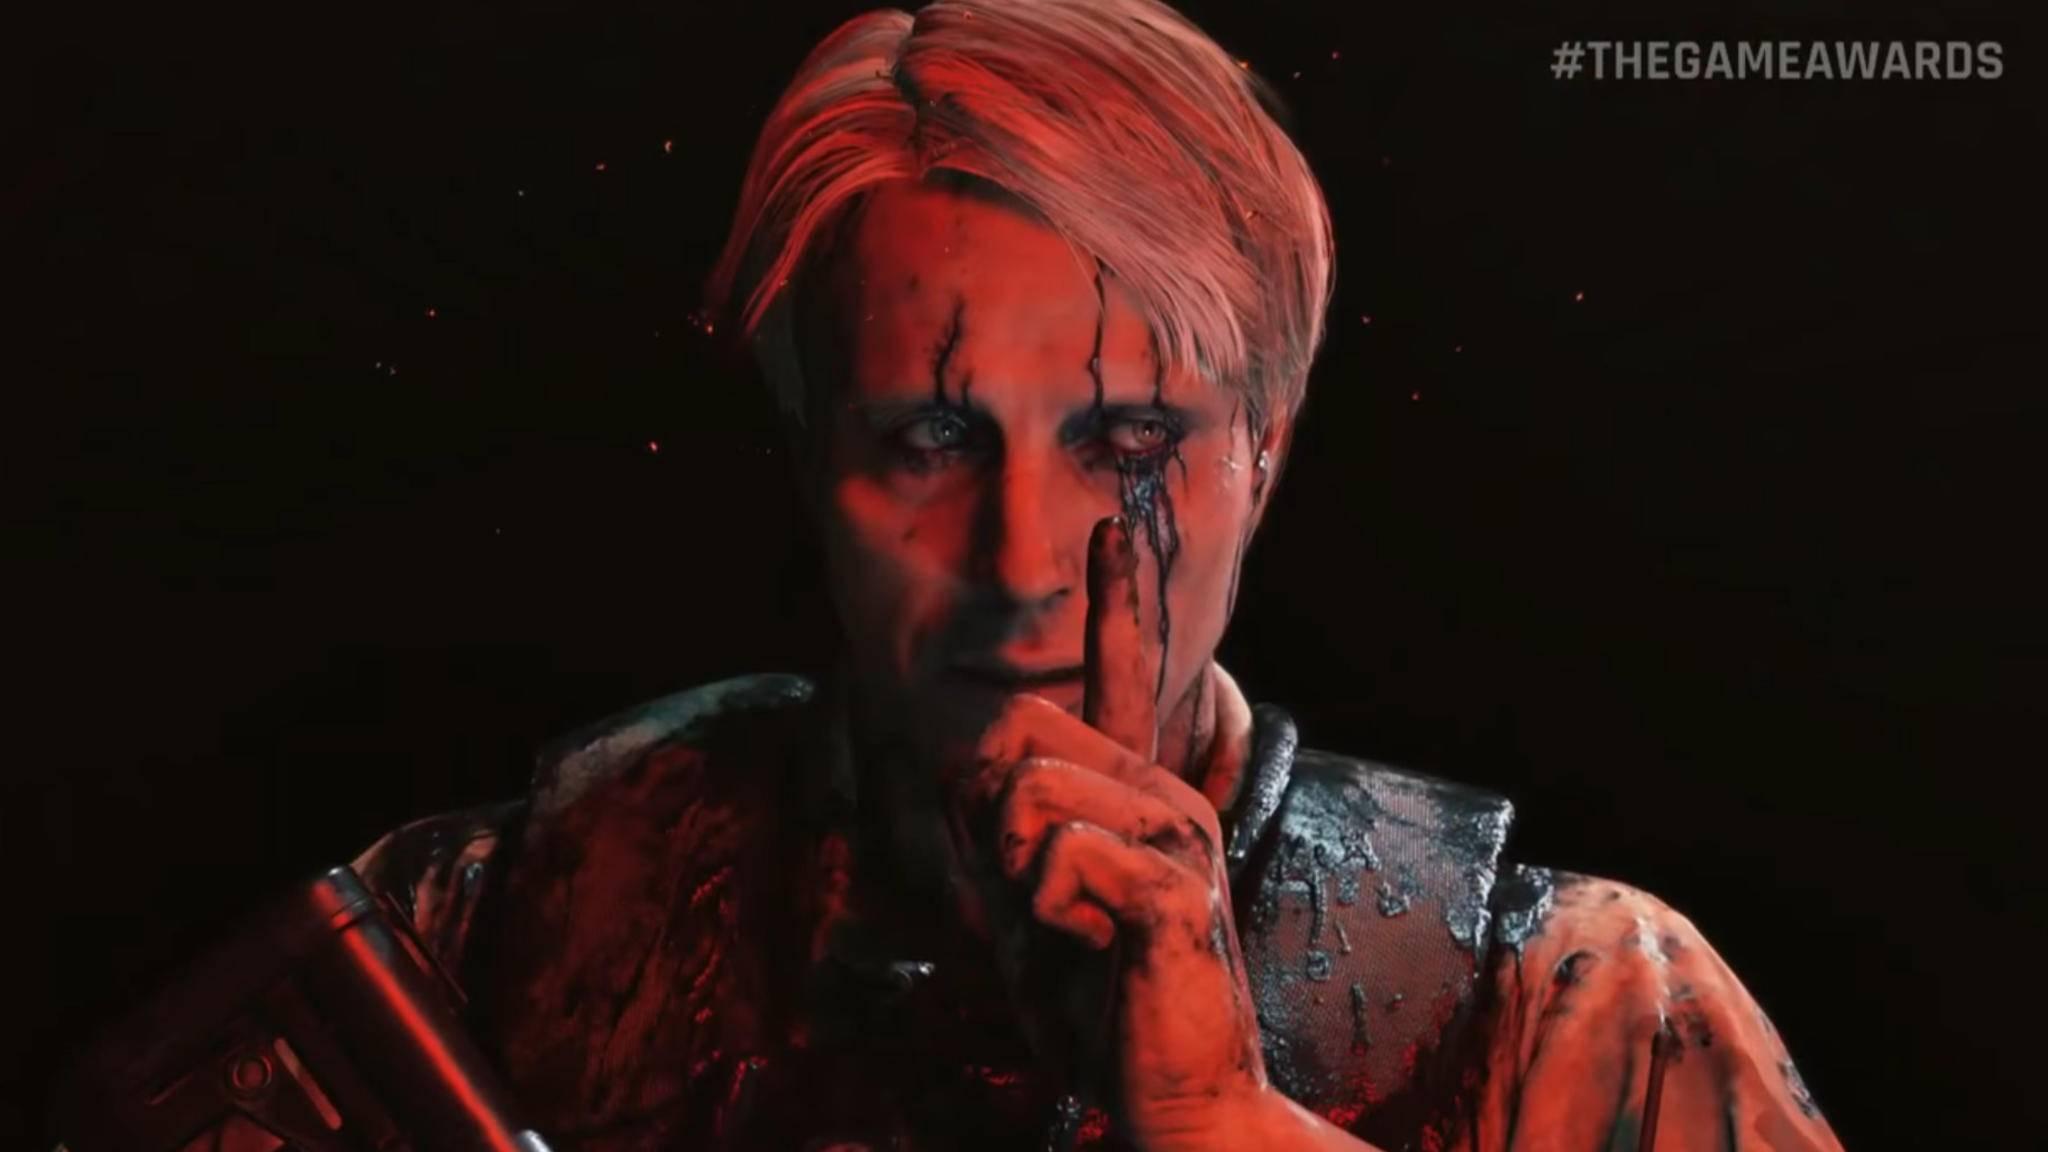 """Hideo Kojima verrät neue Details zu """"Death Stranding"""", dennoch bleibt das Spiel geheimnisvoll."""